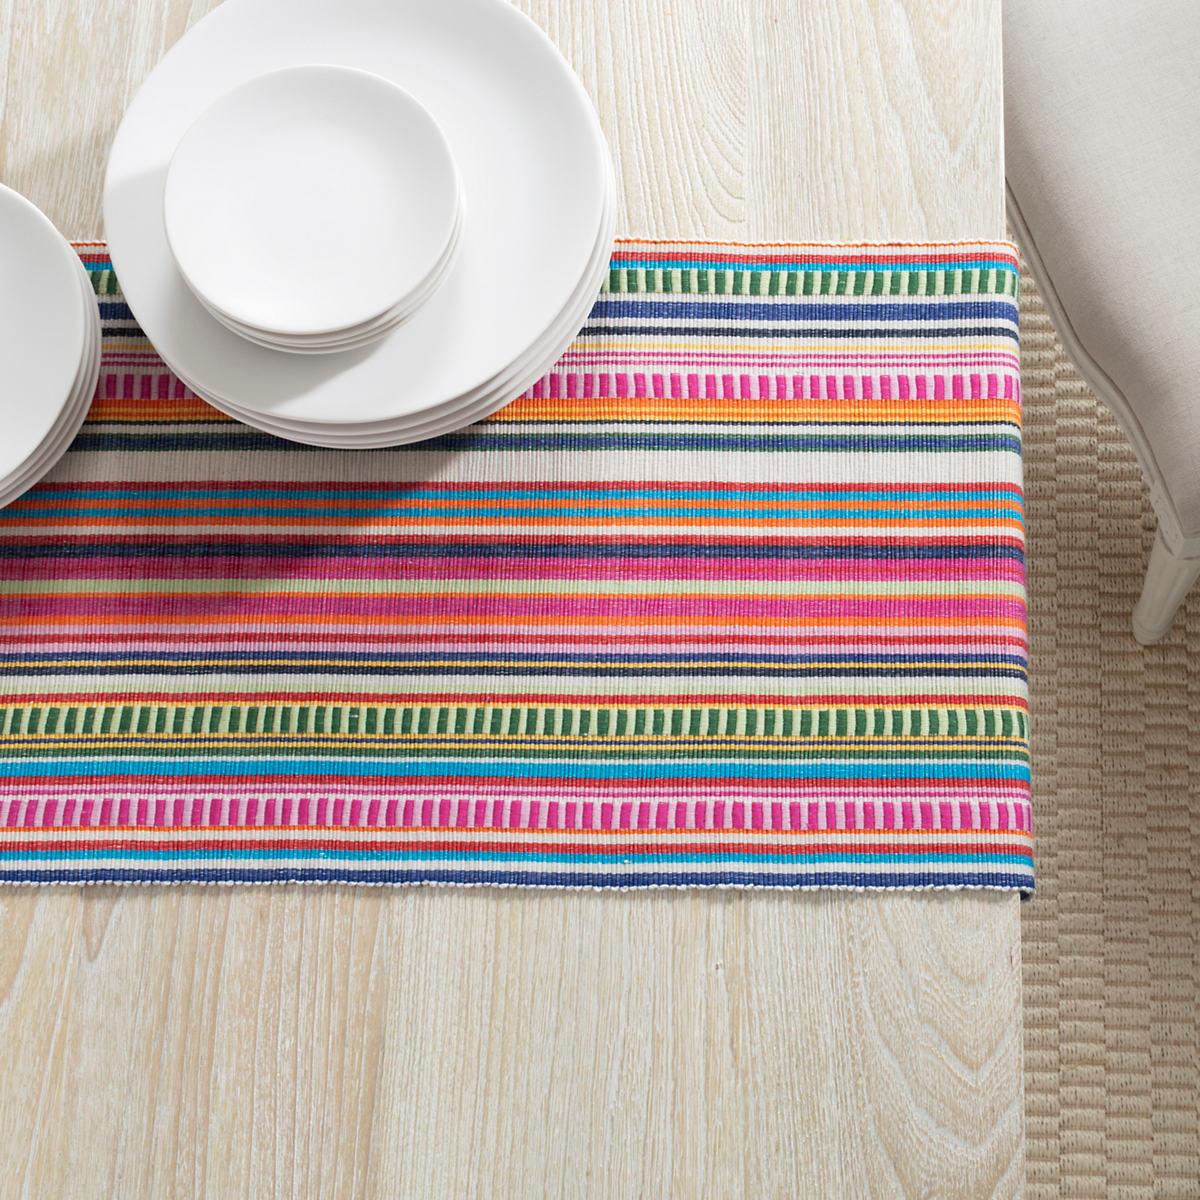 Bright Stripe Table Runner